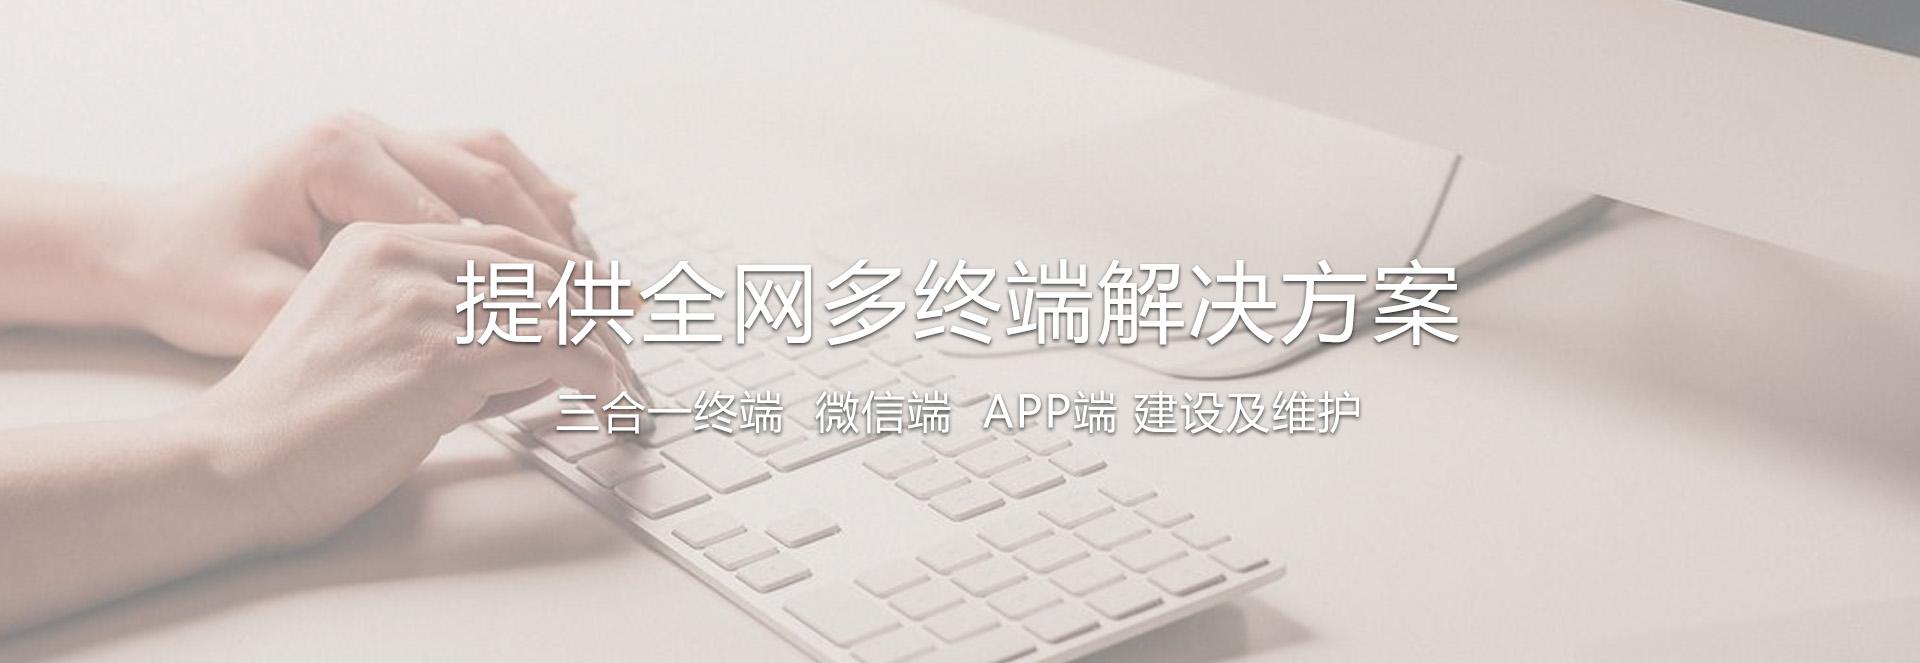 企盾分响-北京一站式网站建设公司